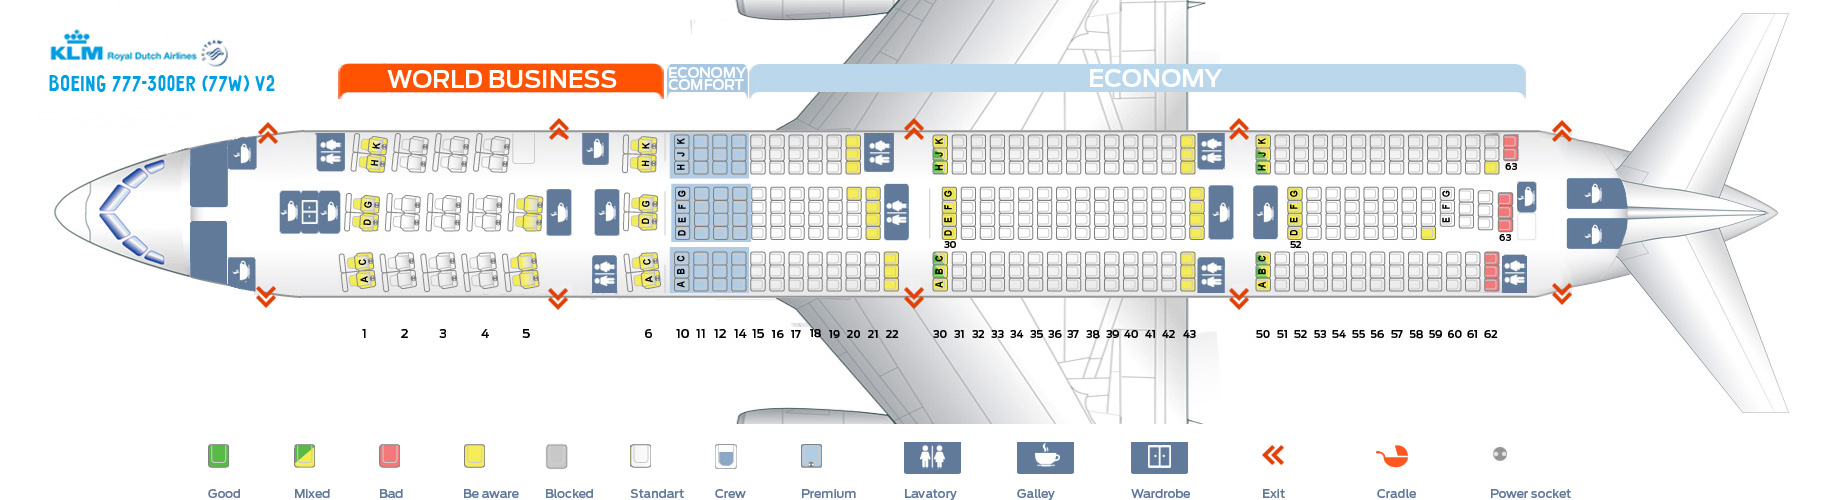 Seat Map Boeing 777-300ER V2 KLM Airlines